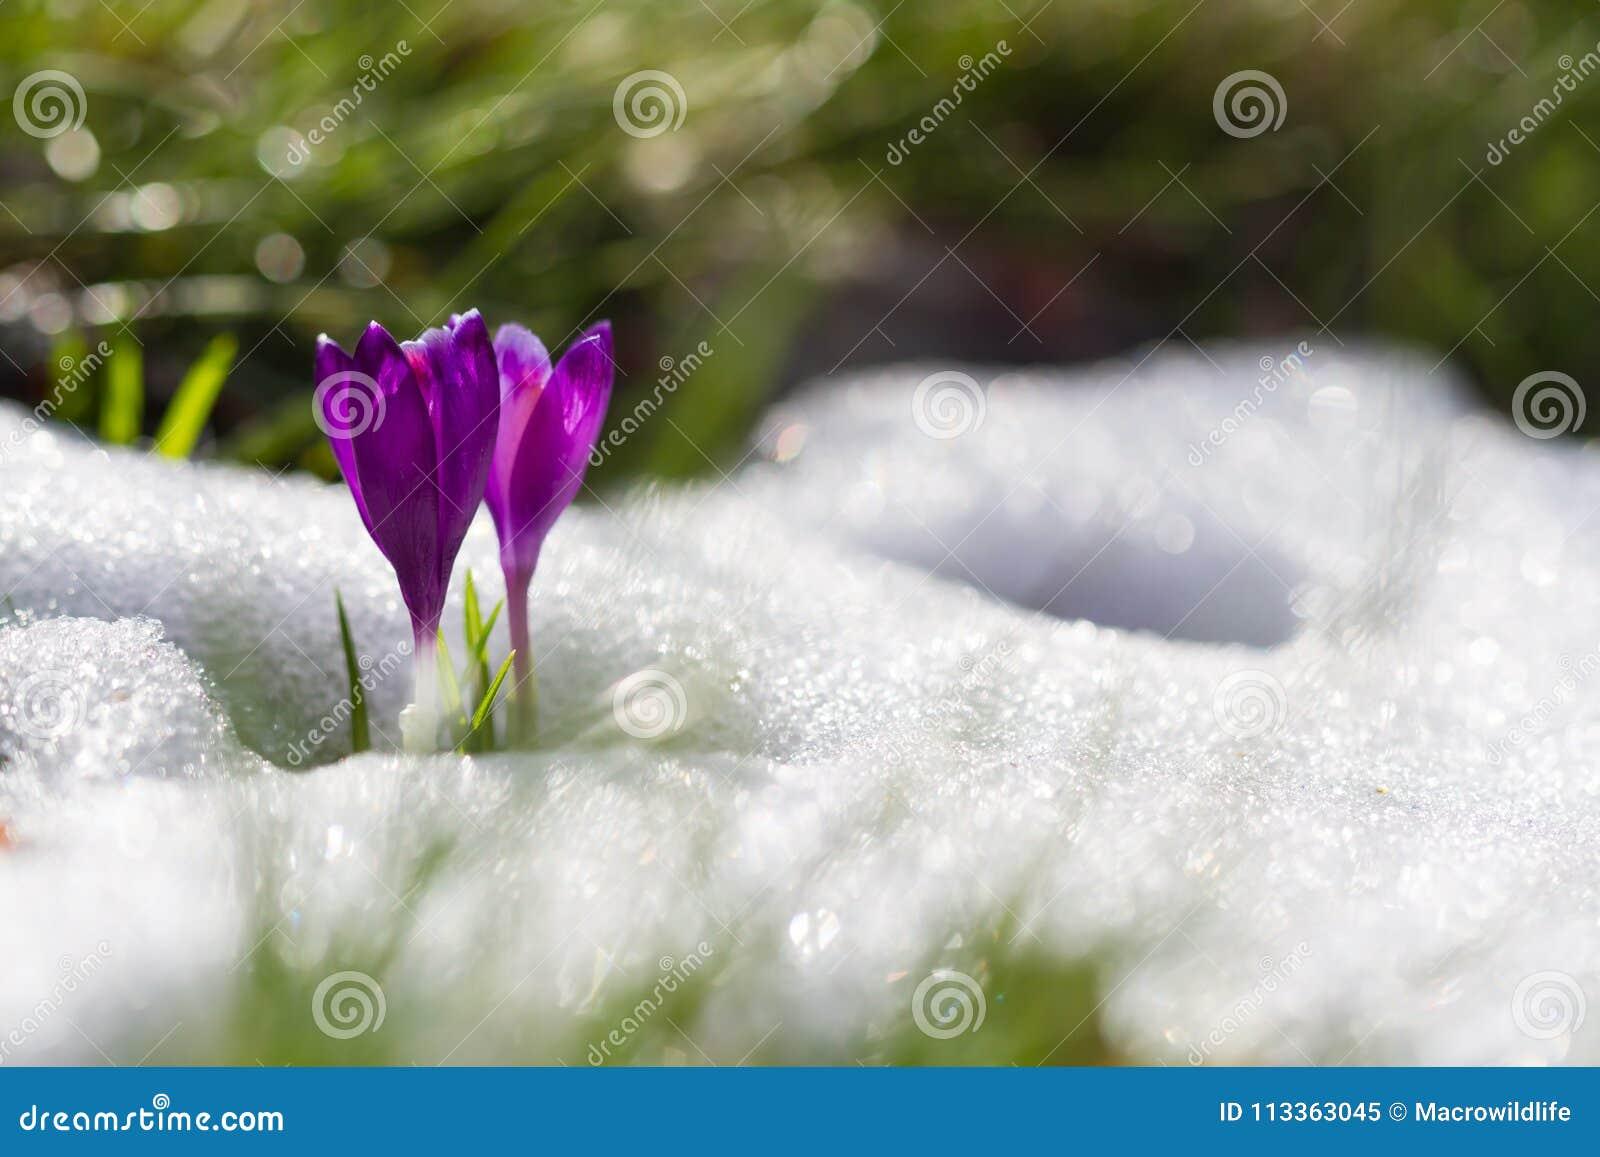 La vista de la primavera floreciente de la magia florece el azafrán que crece de nieve en fauna Luz del sol asombrosa en azafrán